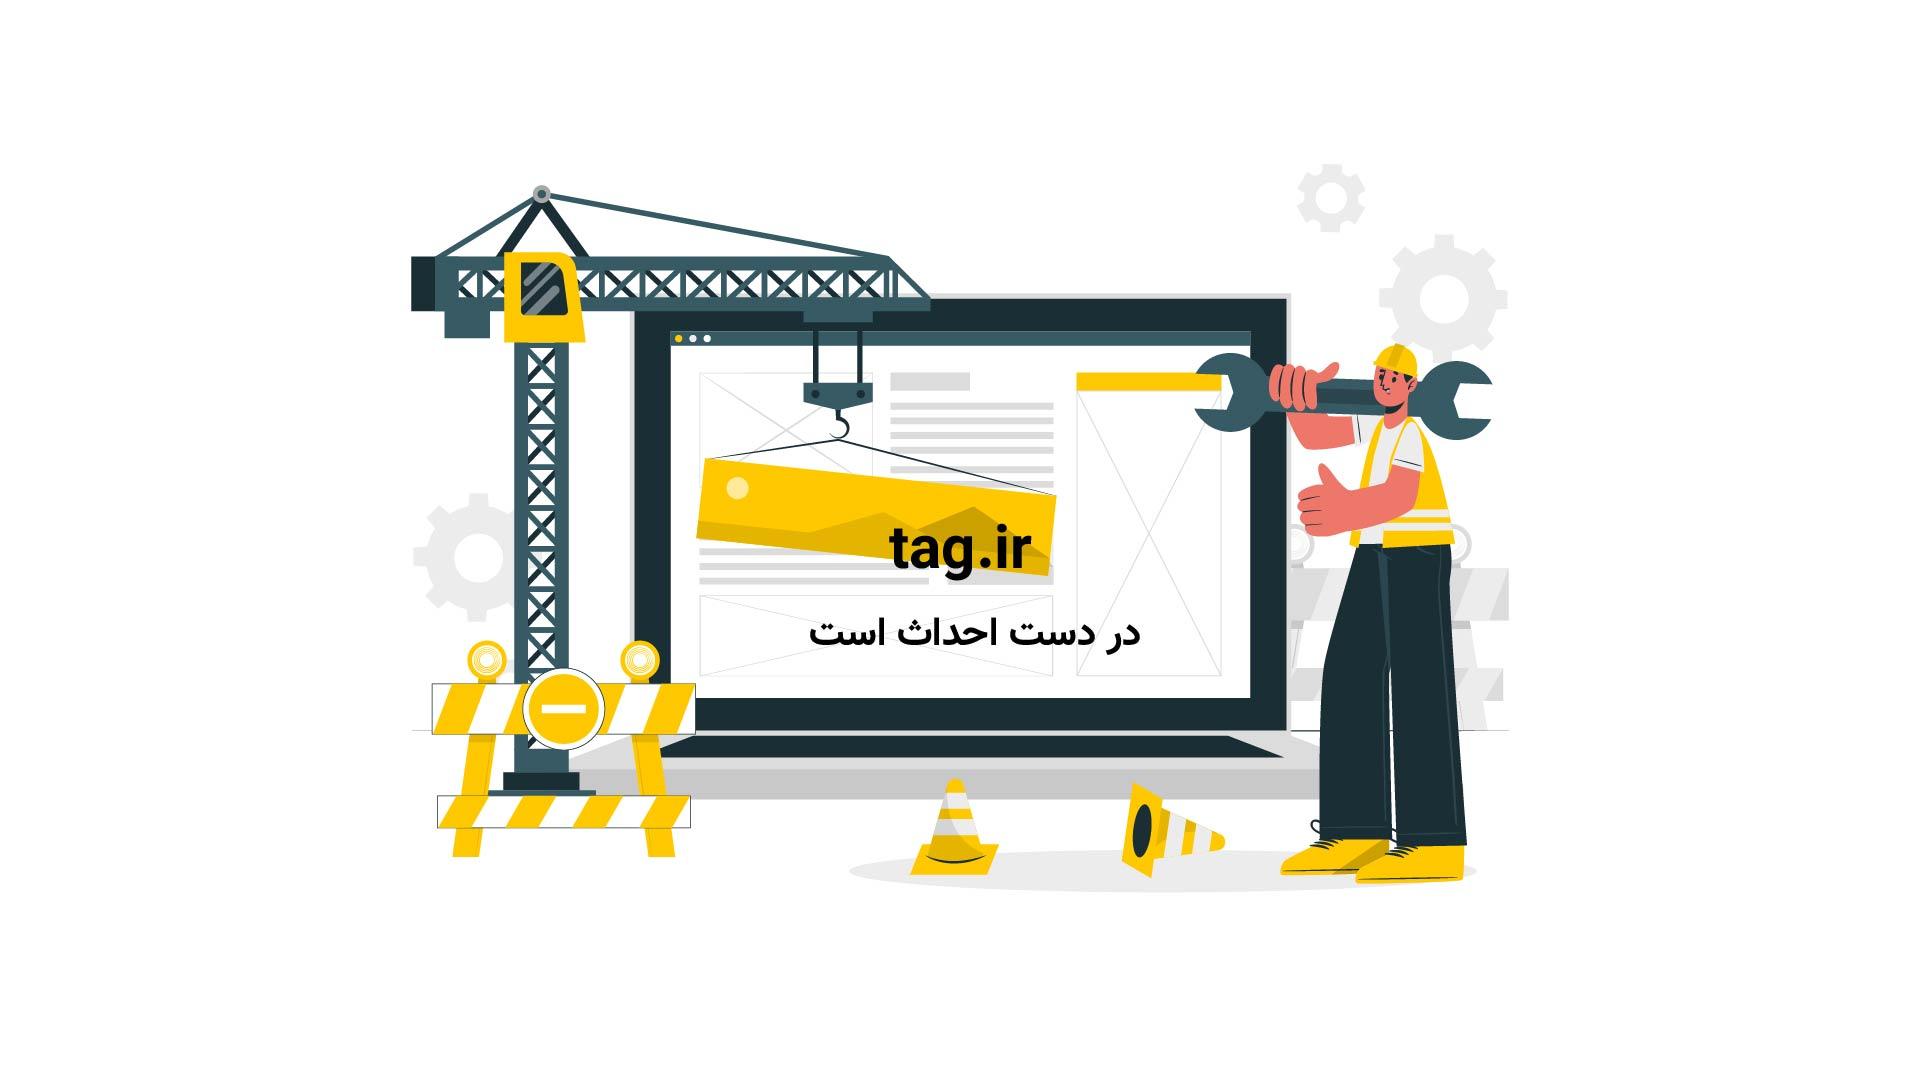 محمدرضا طاهری | تگ